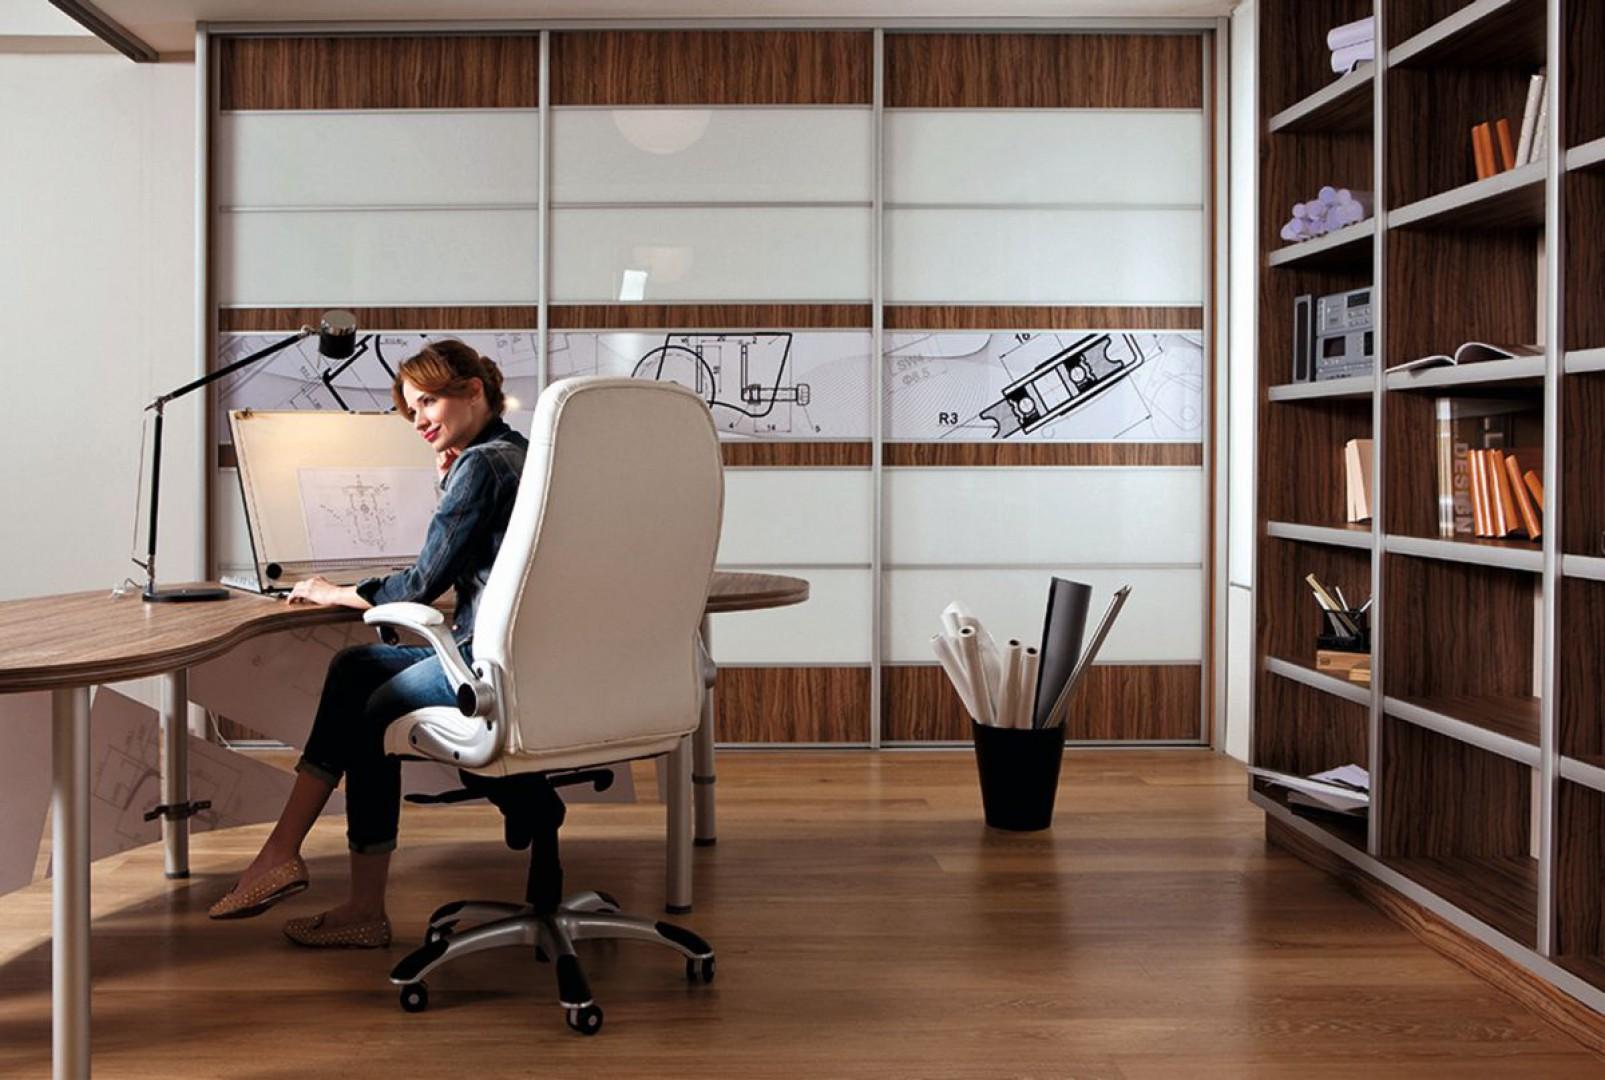 Drzwi przesuwne wykorzystywane są w szafach biurowych przeznaczonych do przechowywania dokumentów. Fot. Sevroll-System